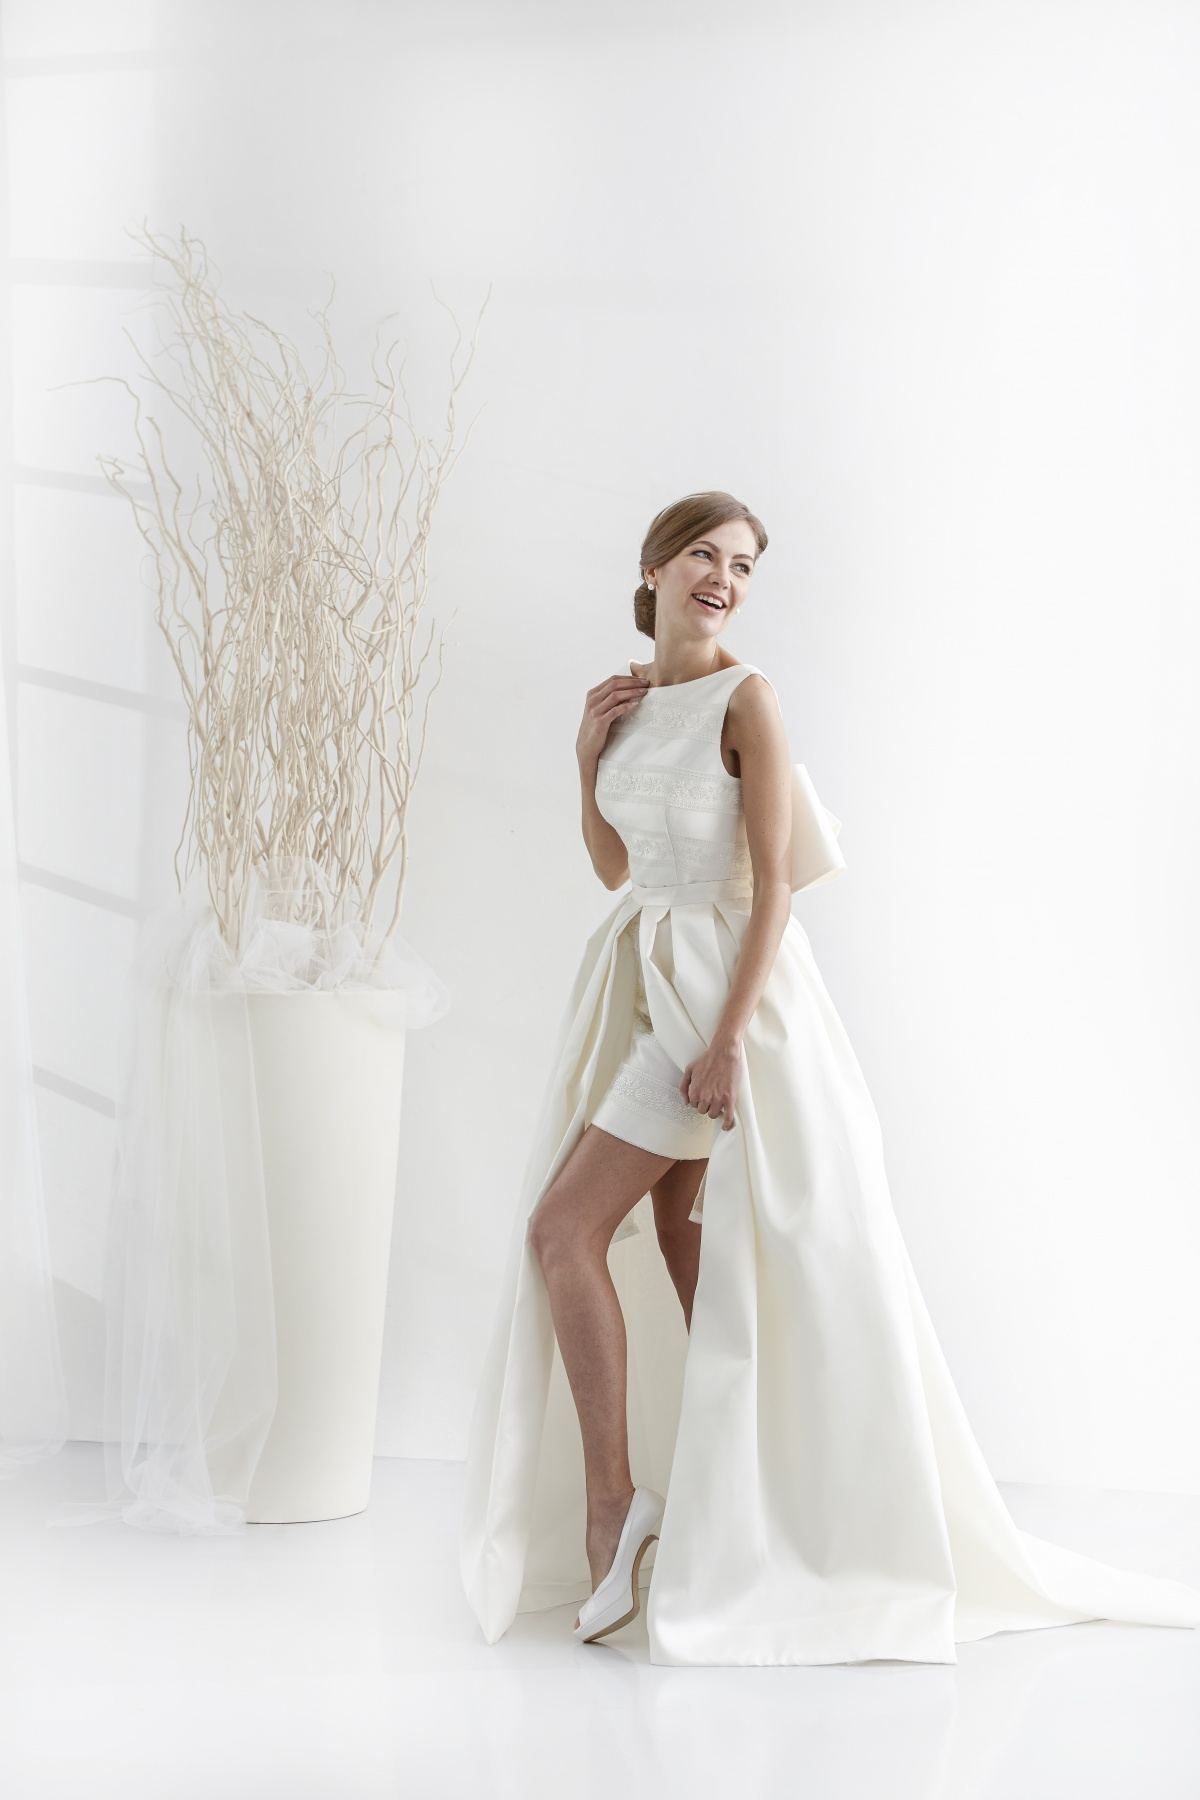 573eab0b74d7 In seguito trovi alcune fotografie dei nostri abiti da sposa corti 2019.  Consulta sul nostro catalogo la favolosa collezione di abiti da sposa che  abbiamo ...